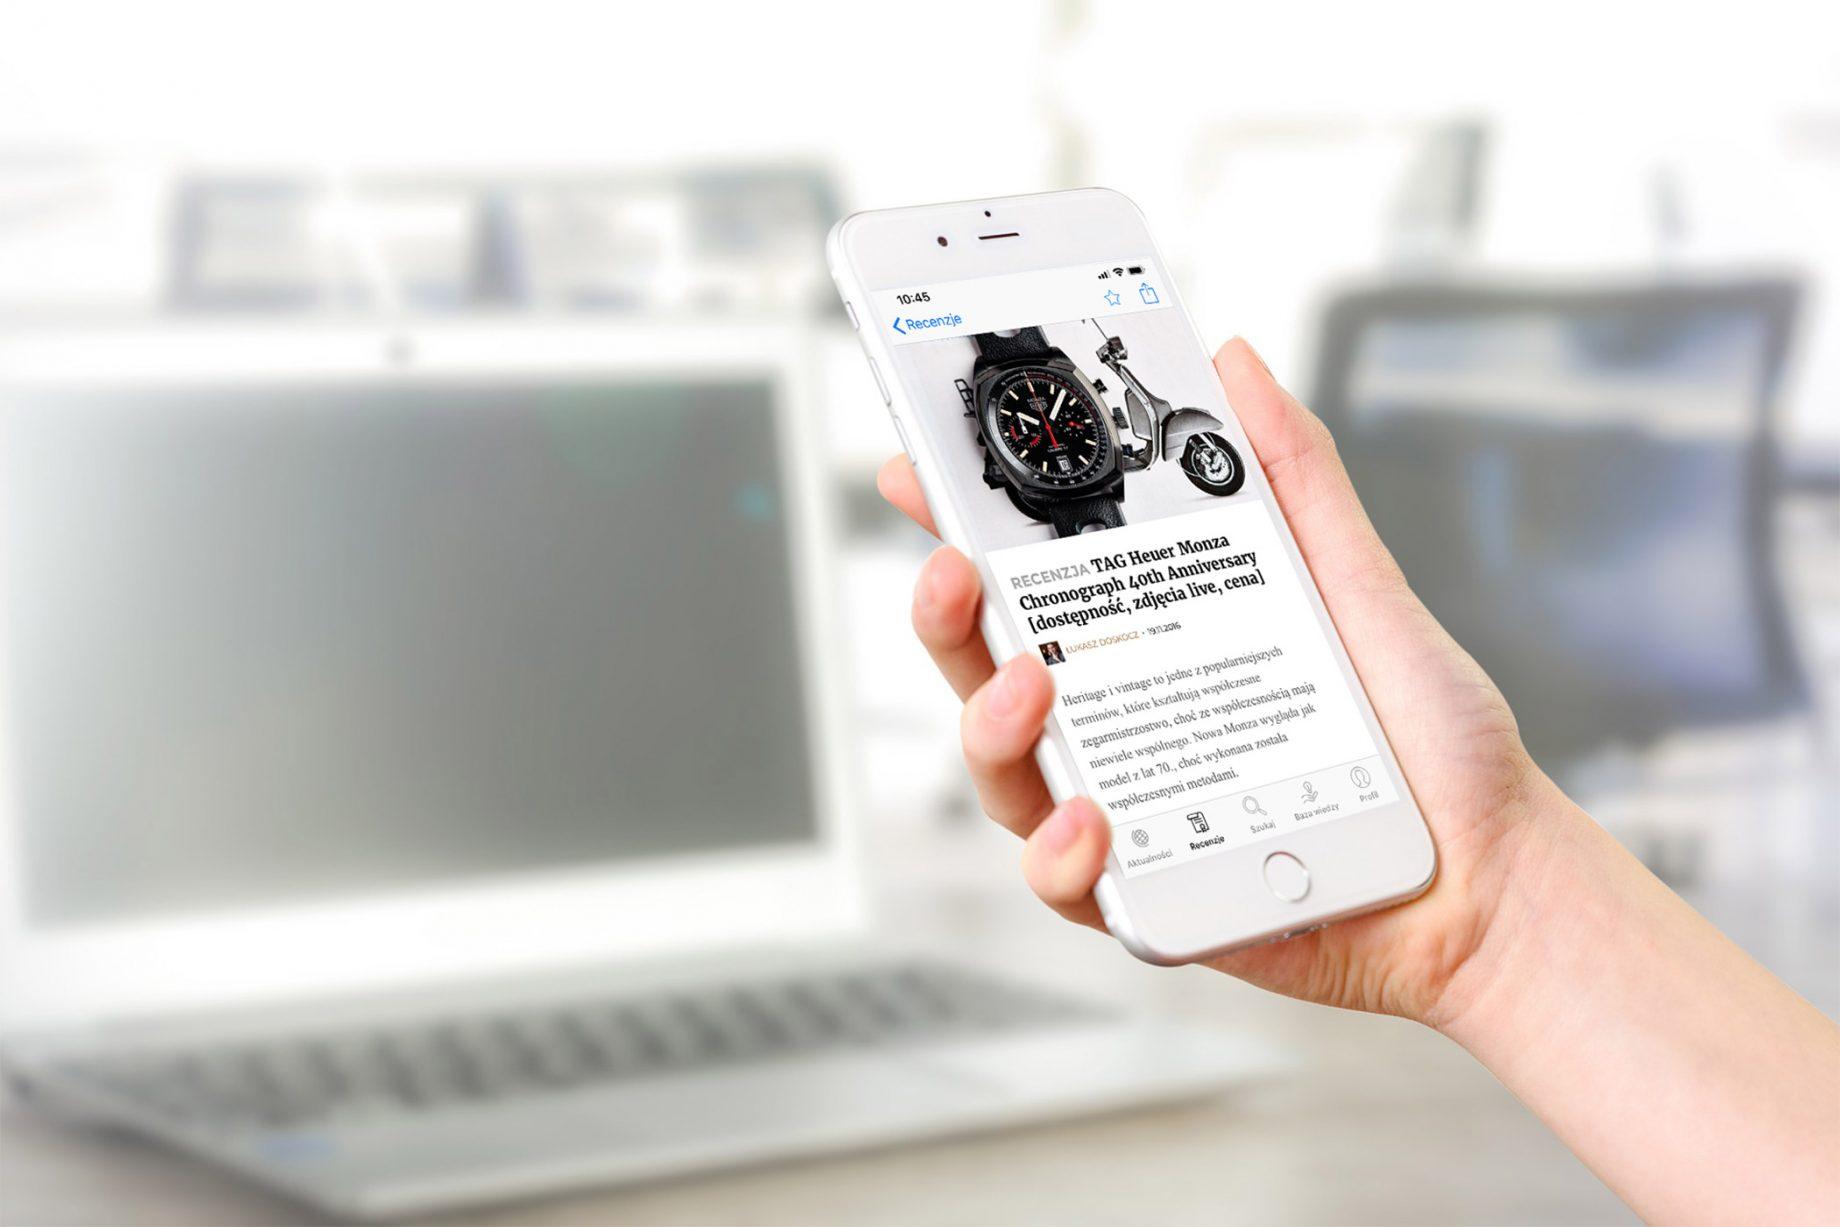 Artykuły o zegarkach w aplikacji mobilnej CH24.PL